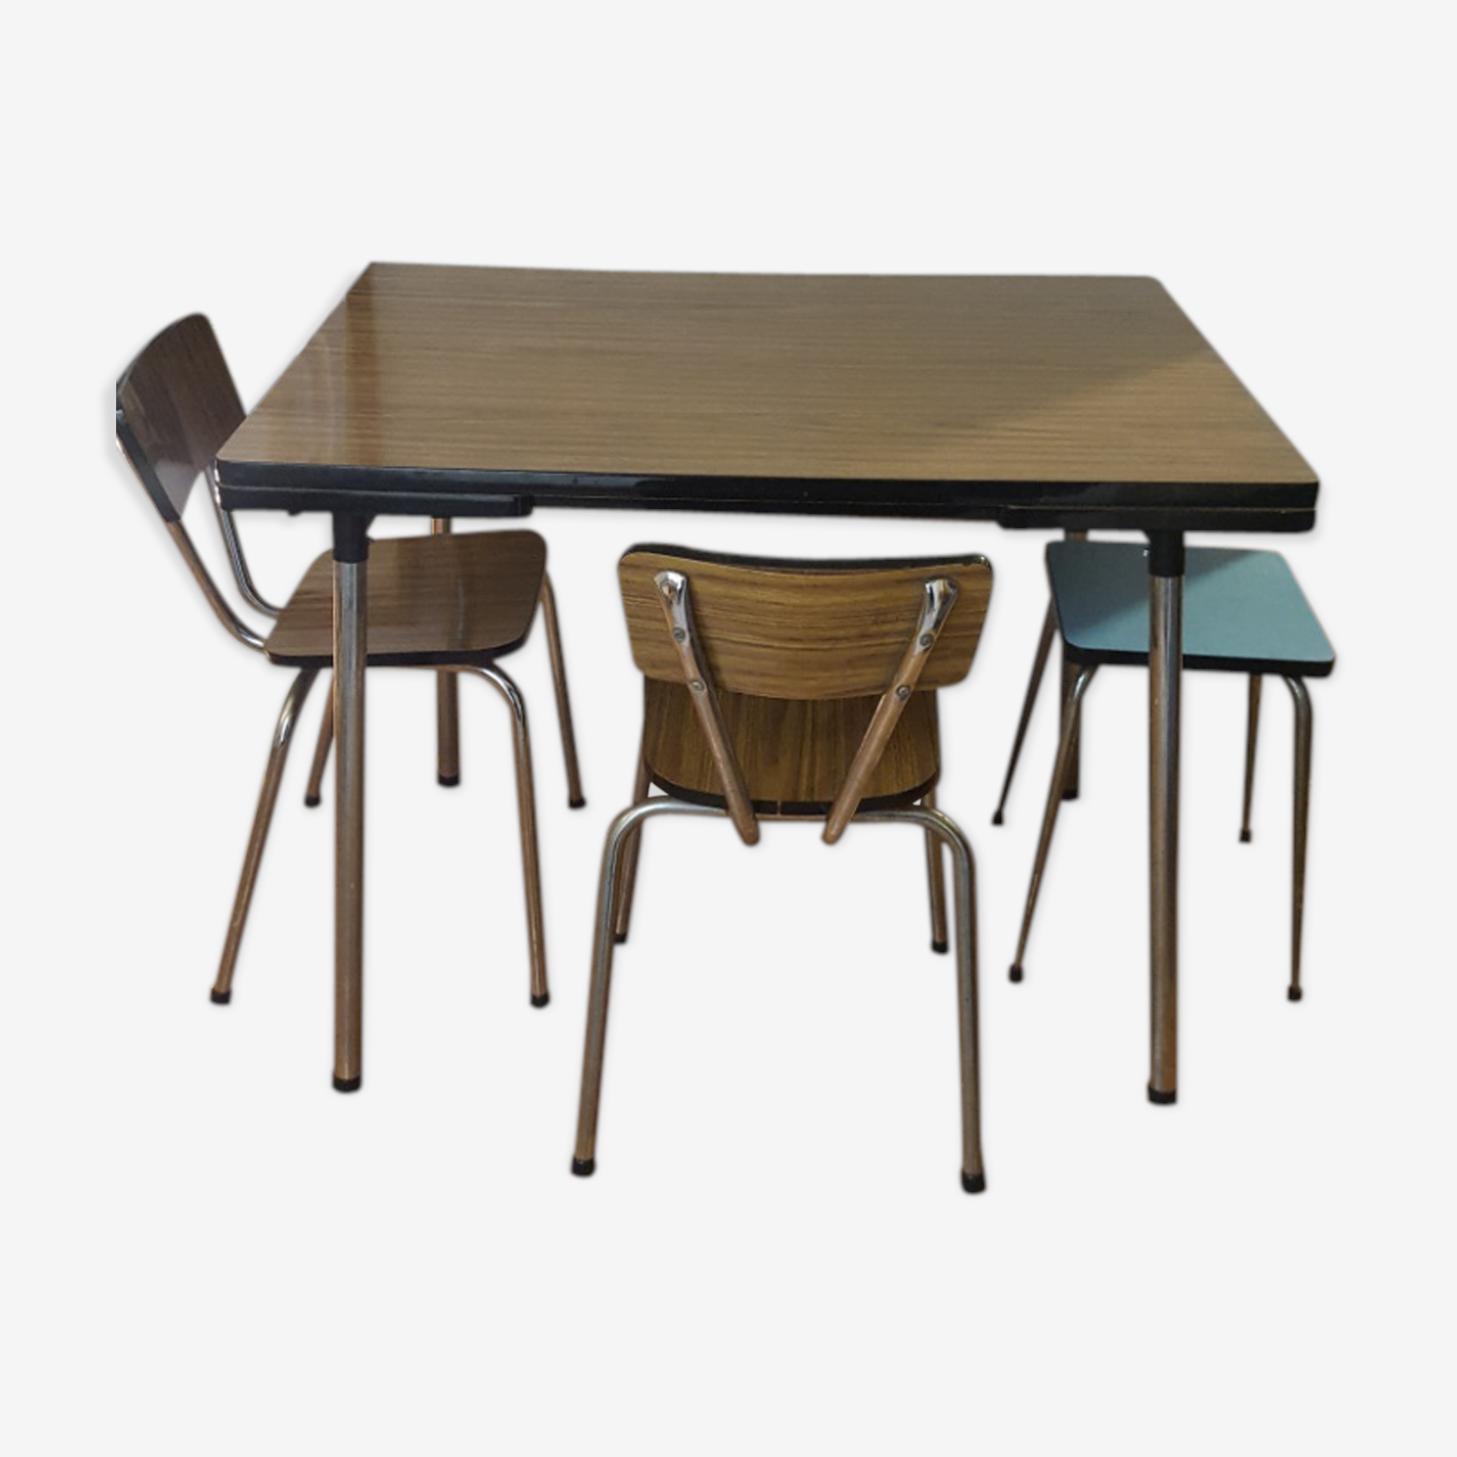 Table en formica avec 2 chaises et son tabouret